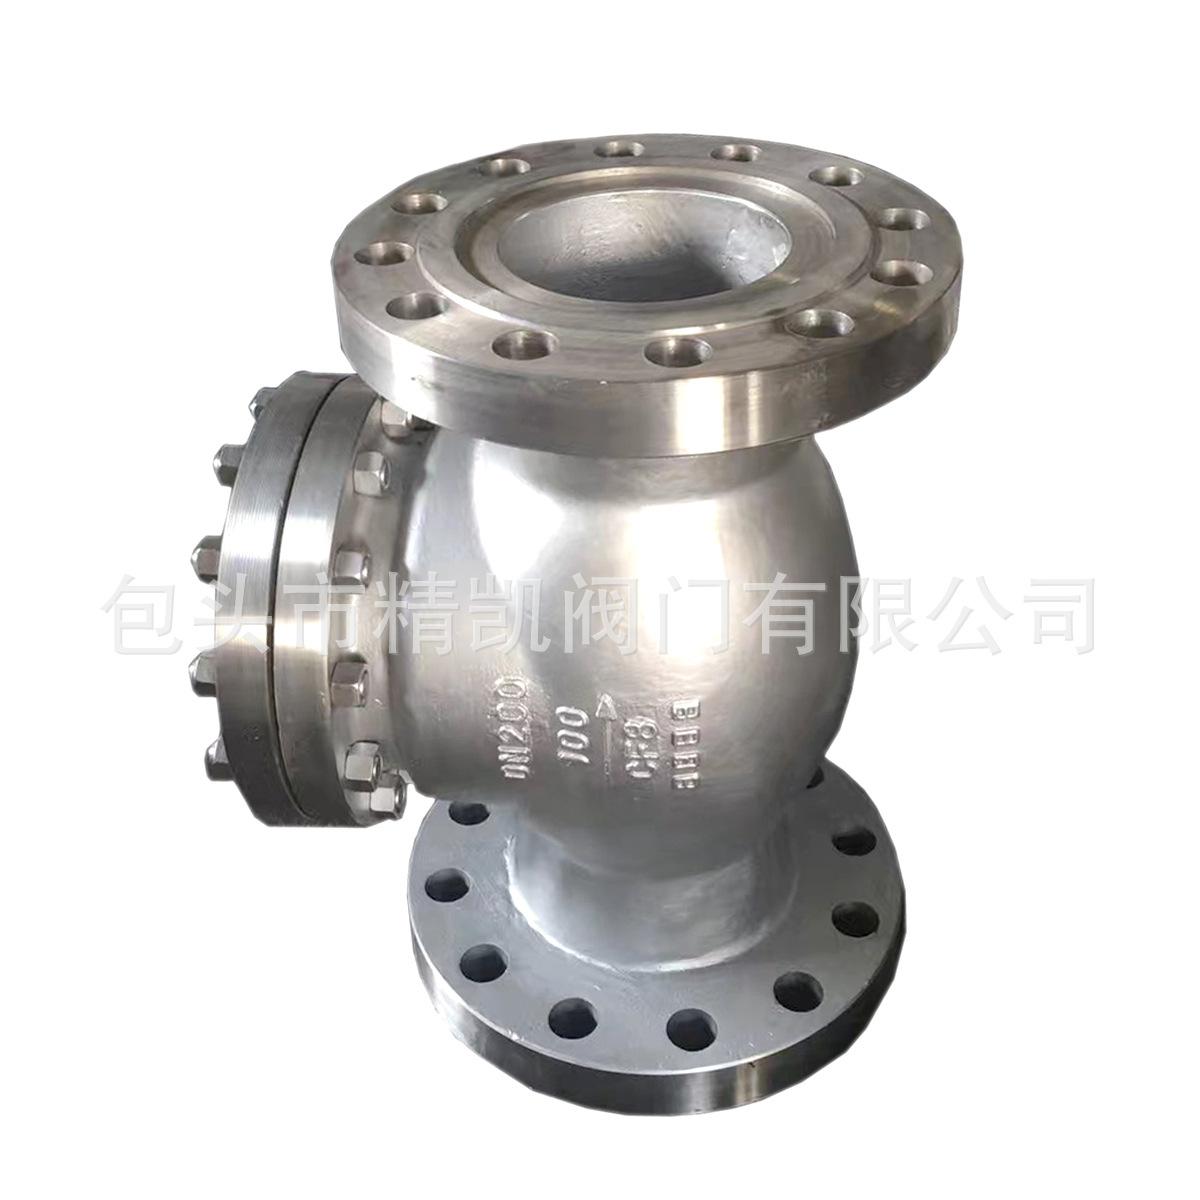 石油化工阀 H44Y-100C/100I不锈钢铬钼钢高压旋启式止回阀逆止阀